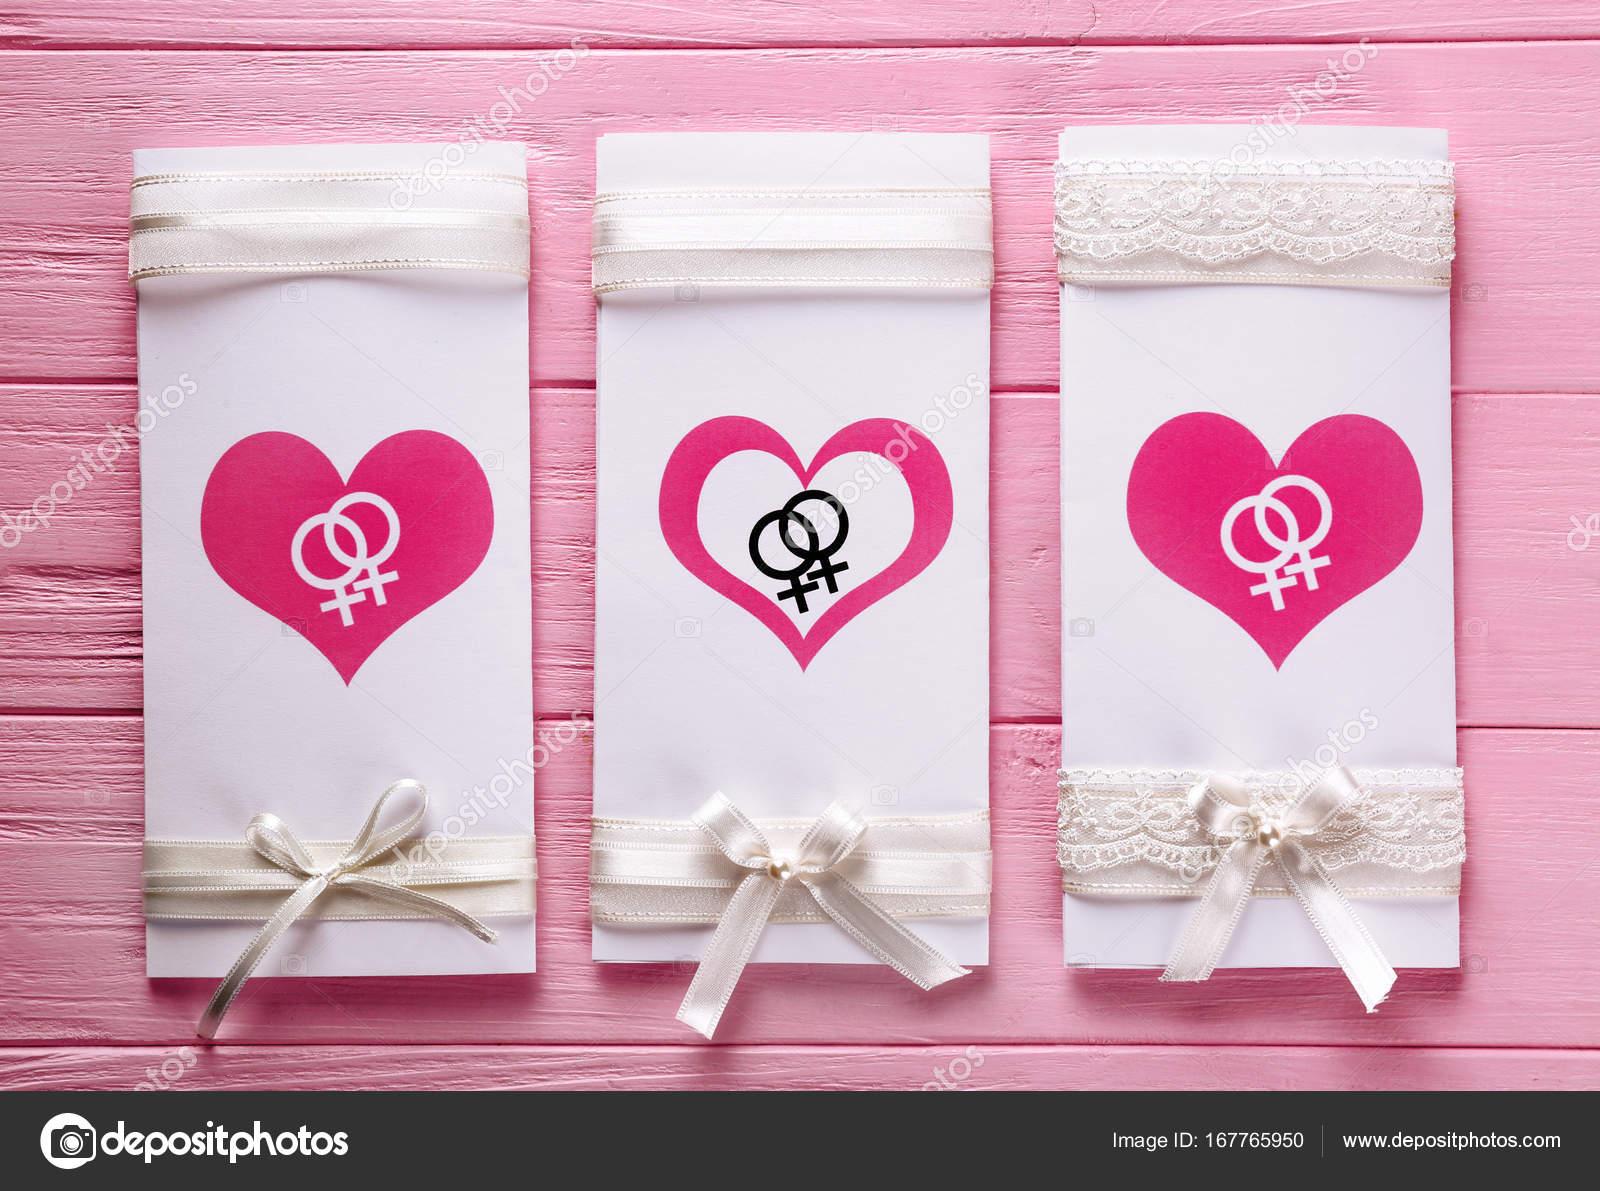 invitación de la boda lesbiana — Foto de stock © belchonock #167765950